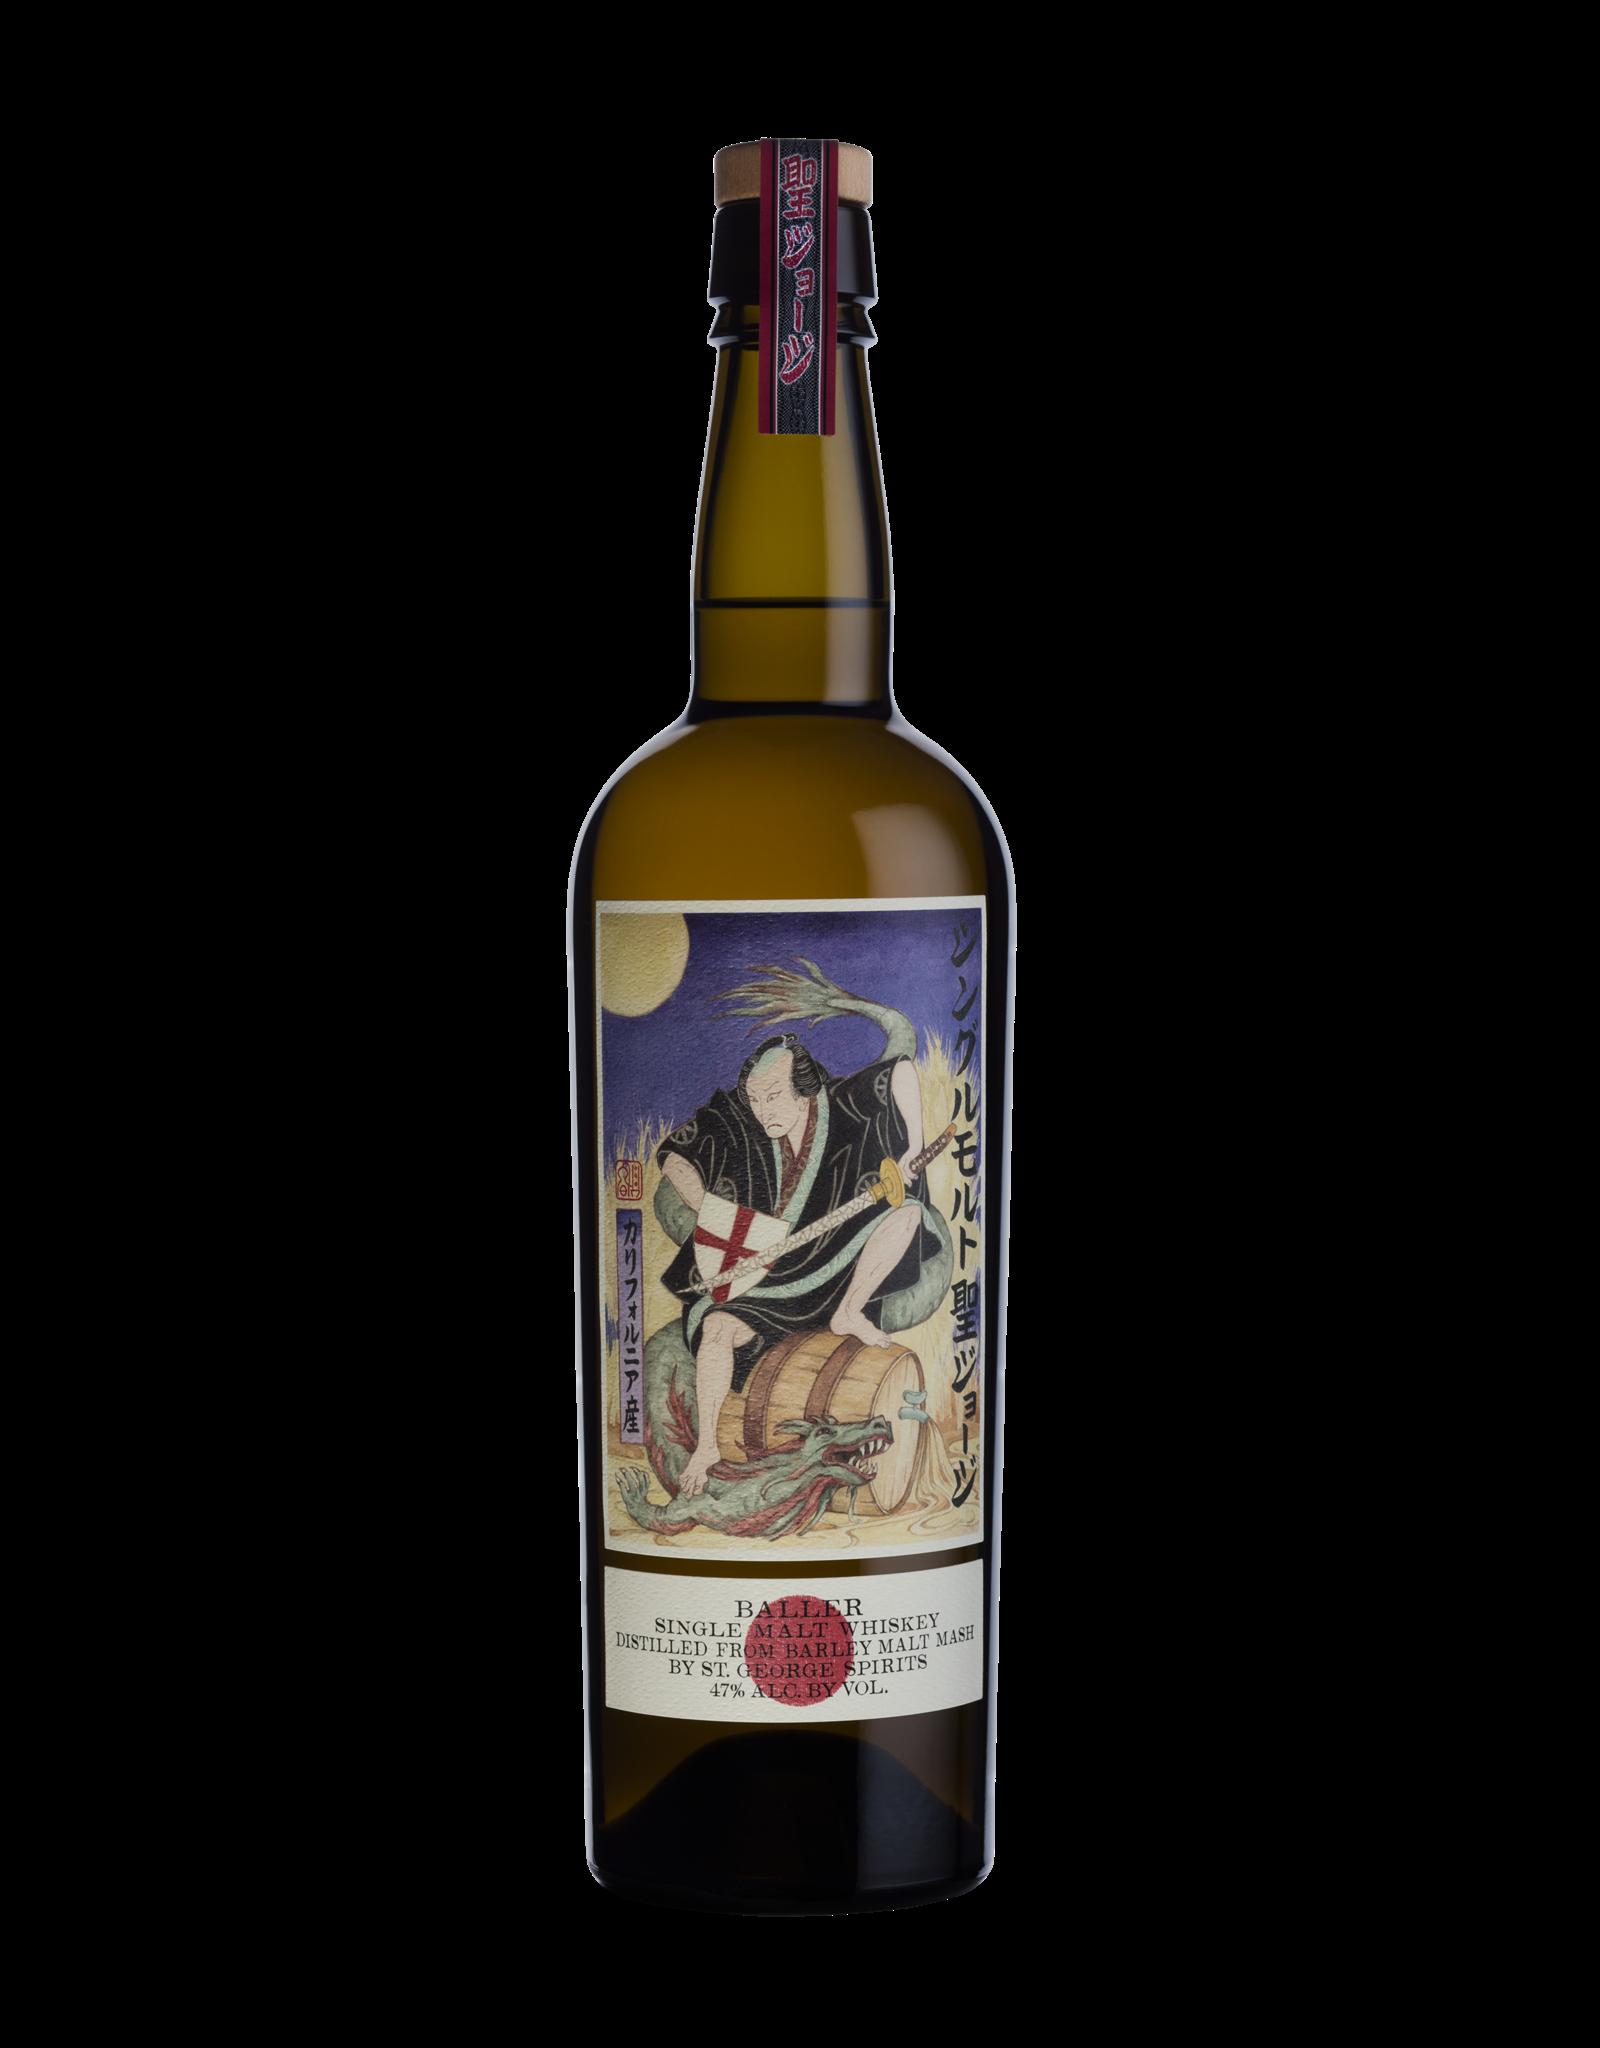 St. George Baller Single Malt Whiskey